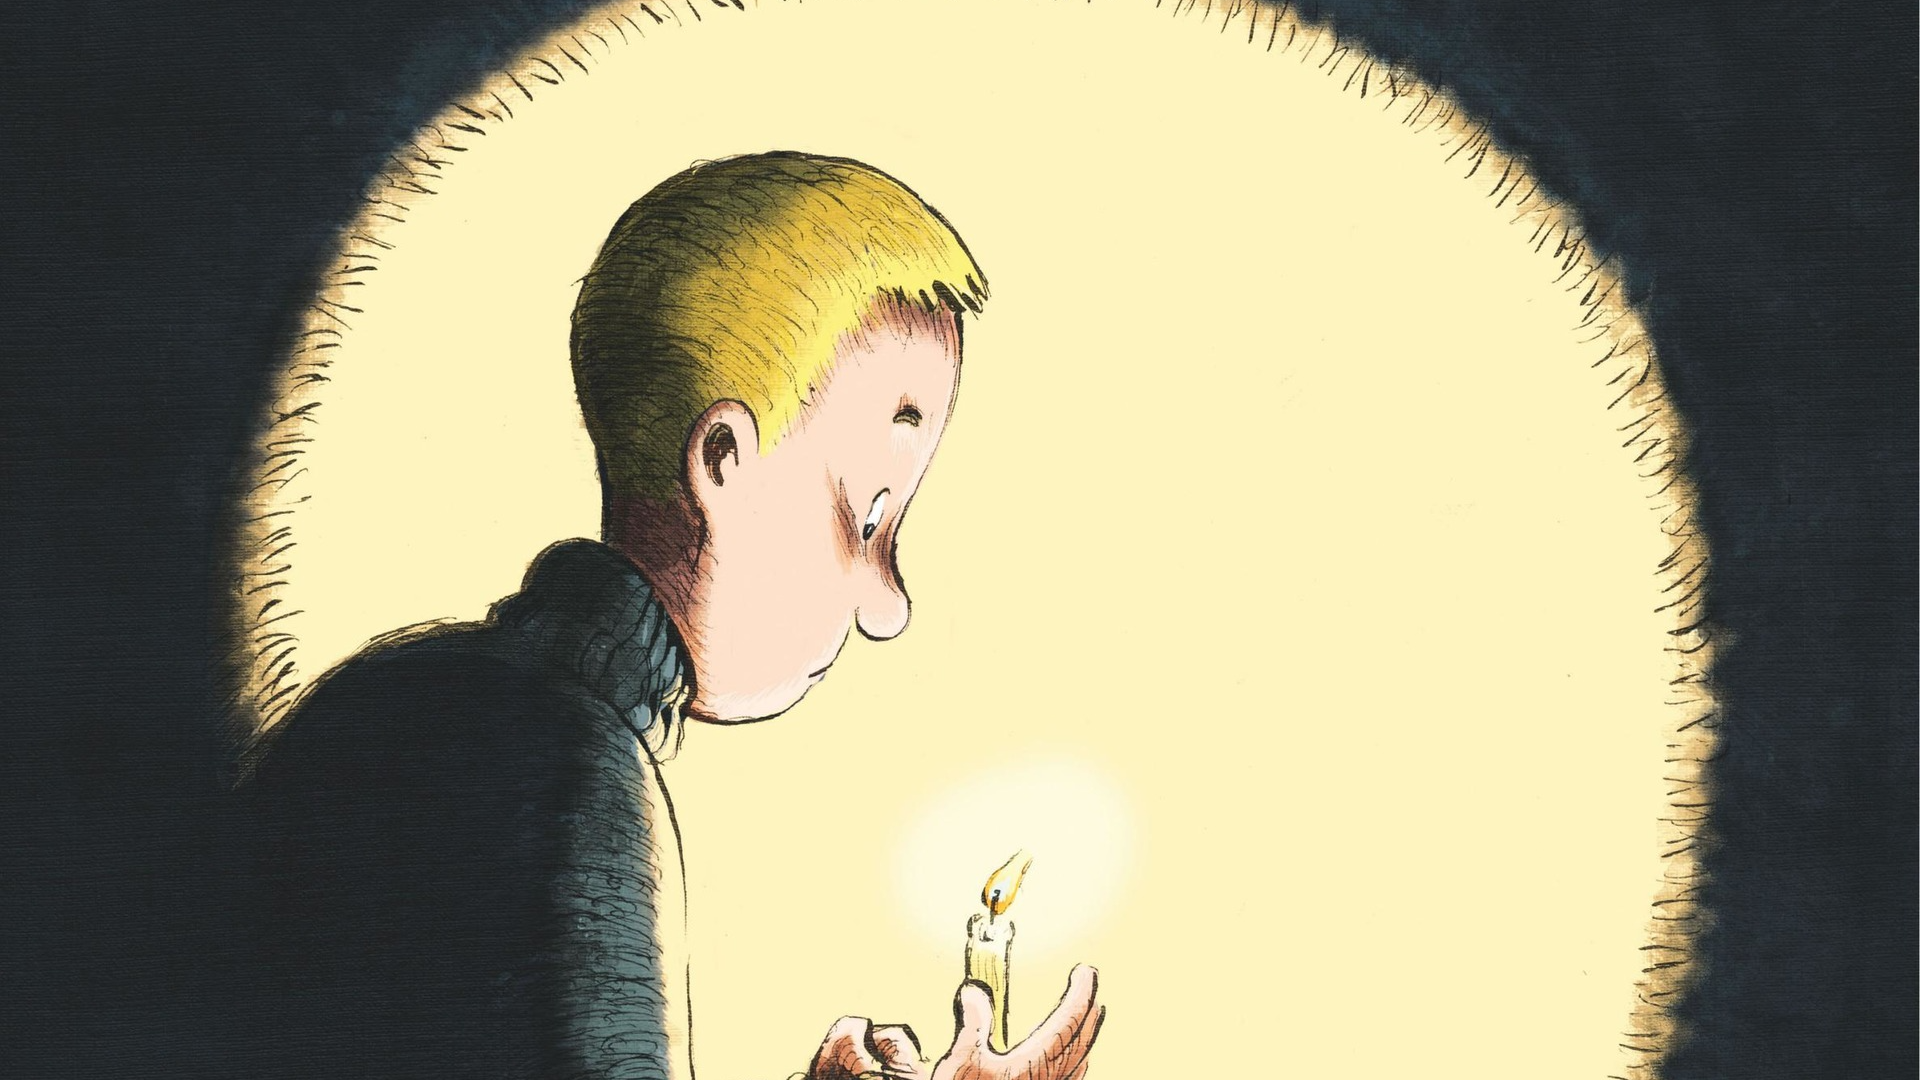 'Licht' een mooie afsluiter van 'Zon'?